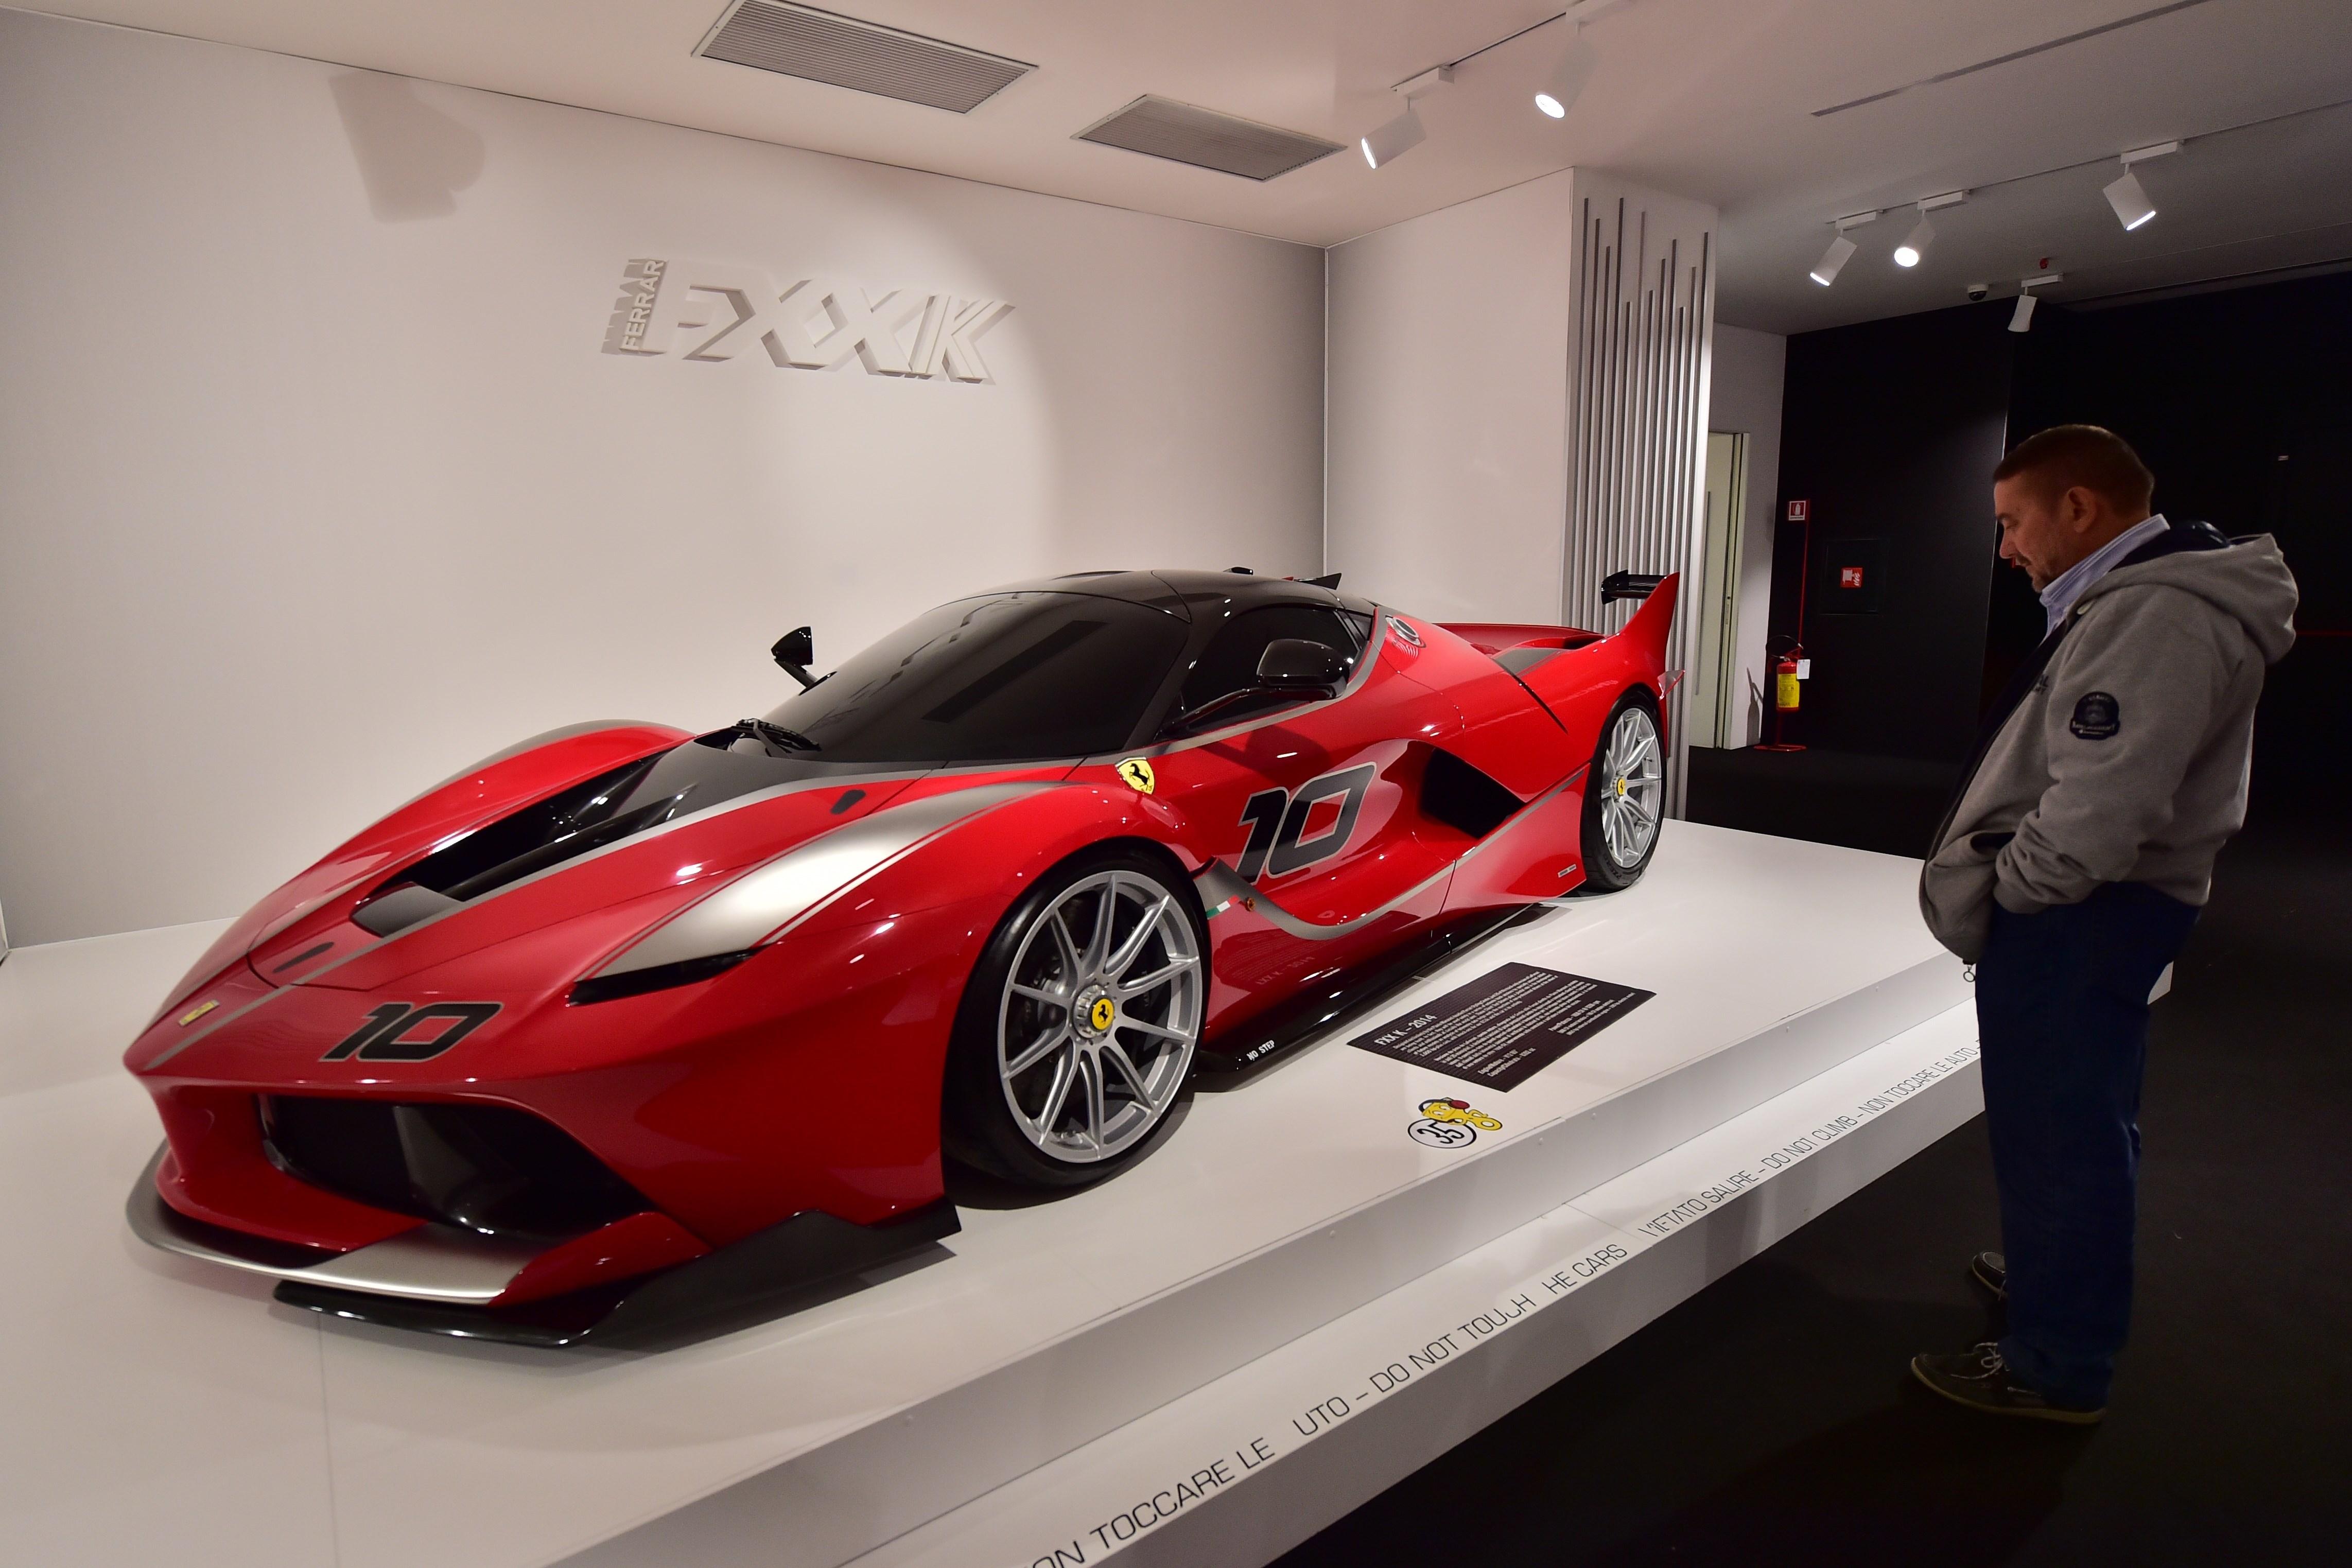 Ferrari Fxx K Dubai Dealer Is Selling Two Units Of The